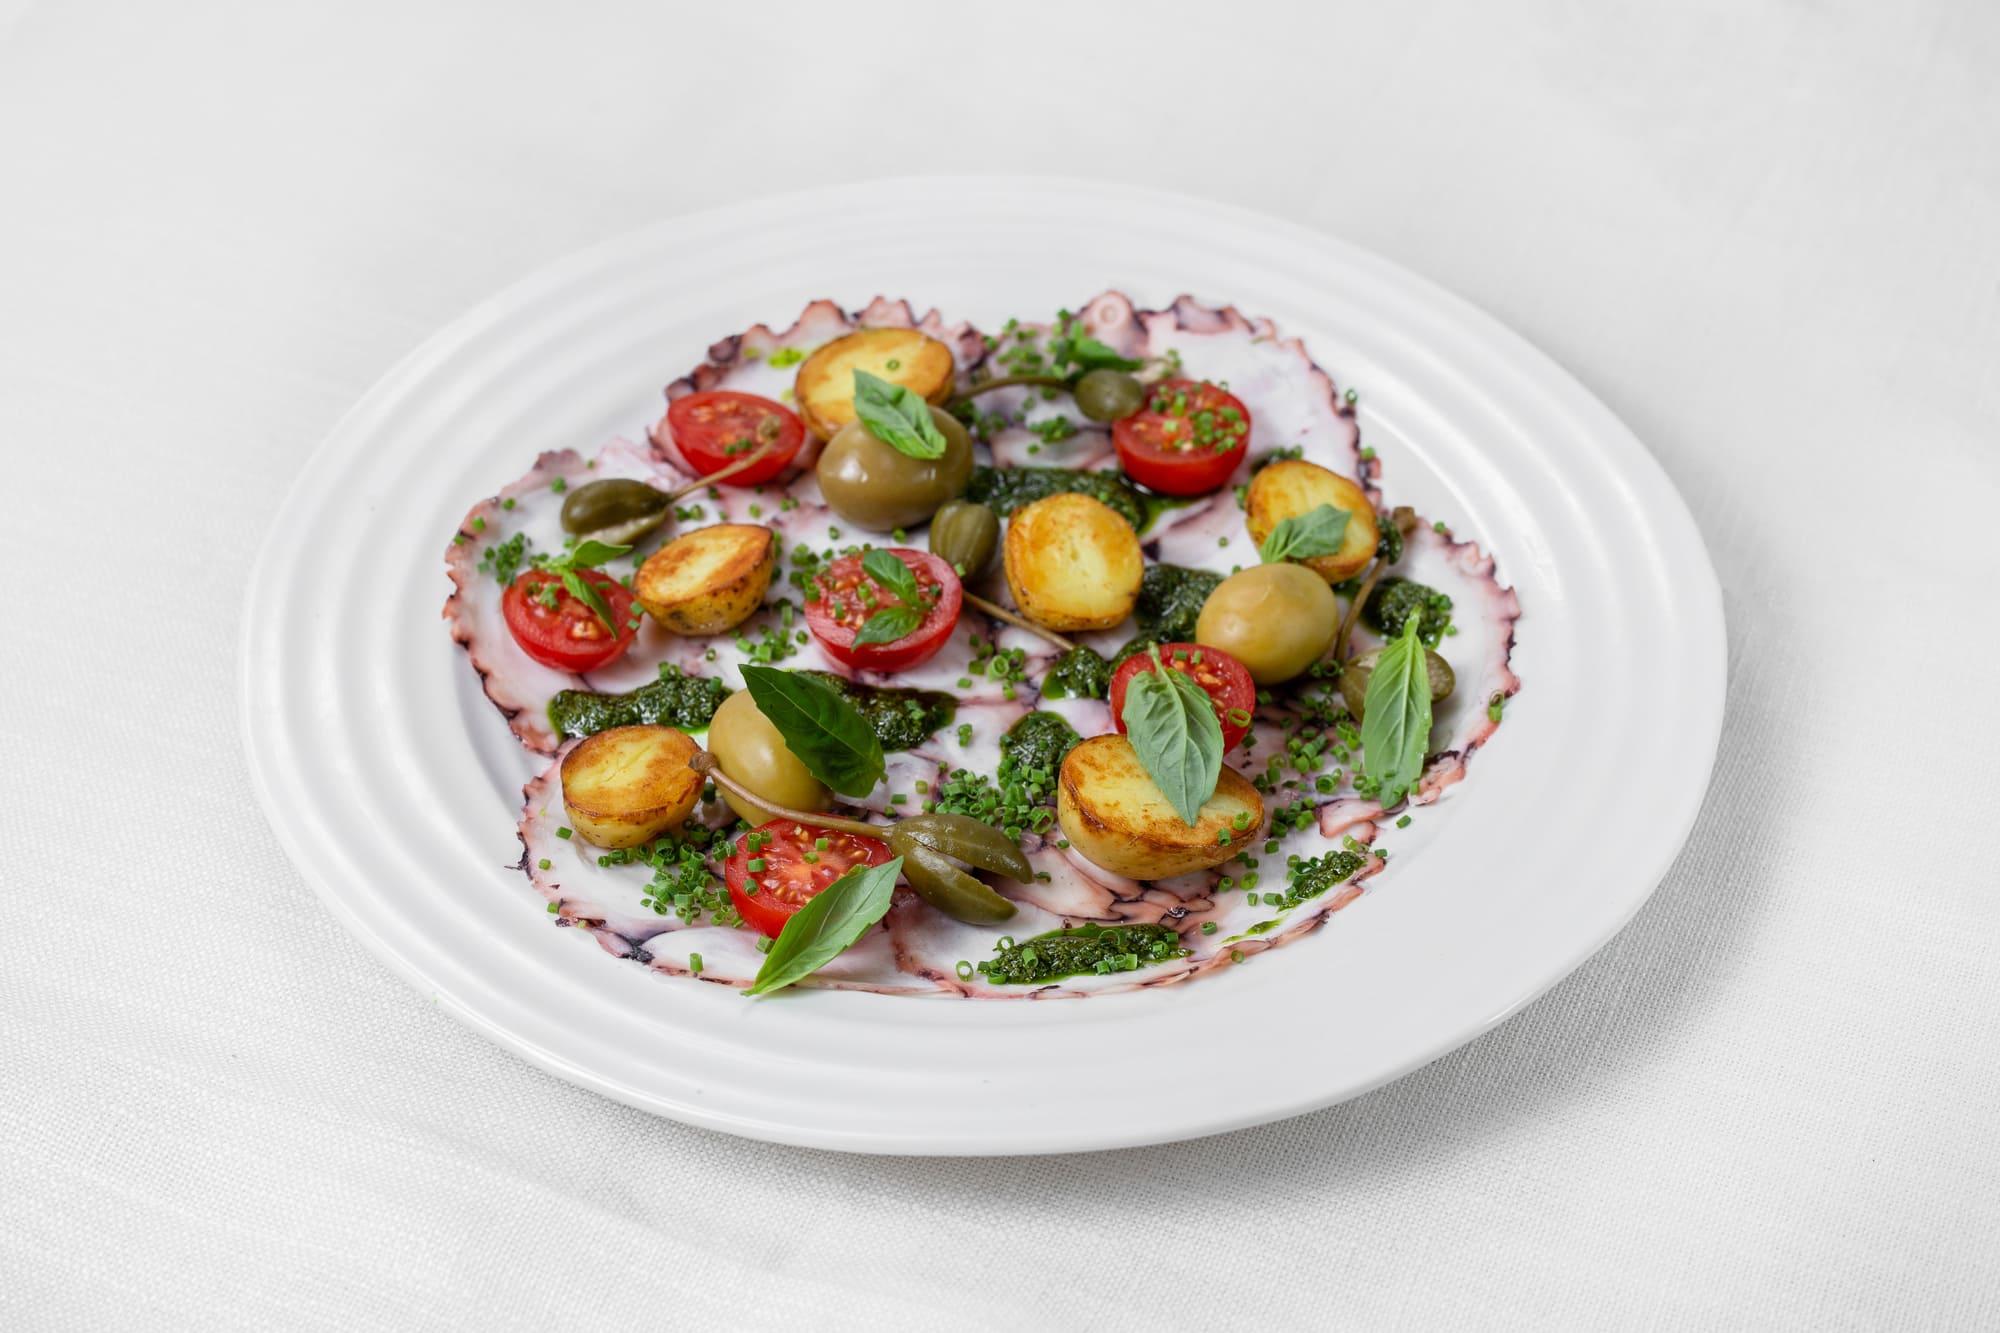 Карпаччо из осьминога с молодым картофелем, каперсами и помидорами черри